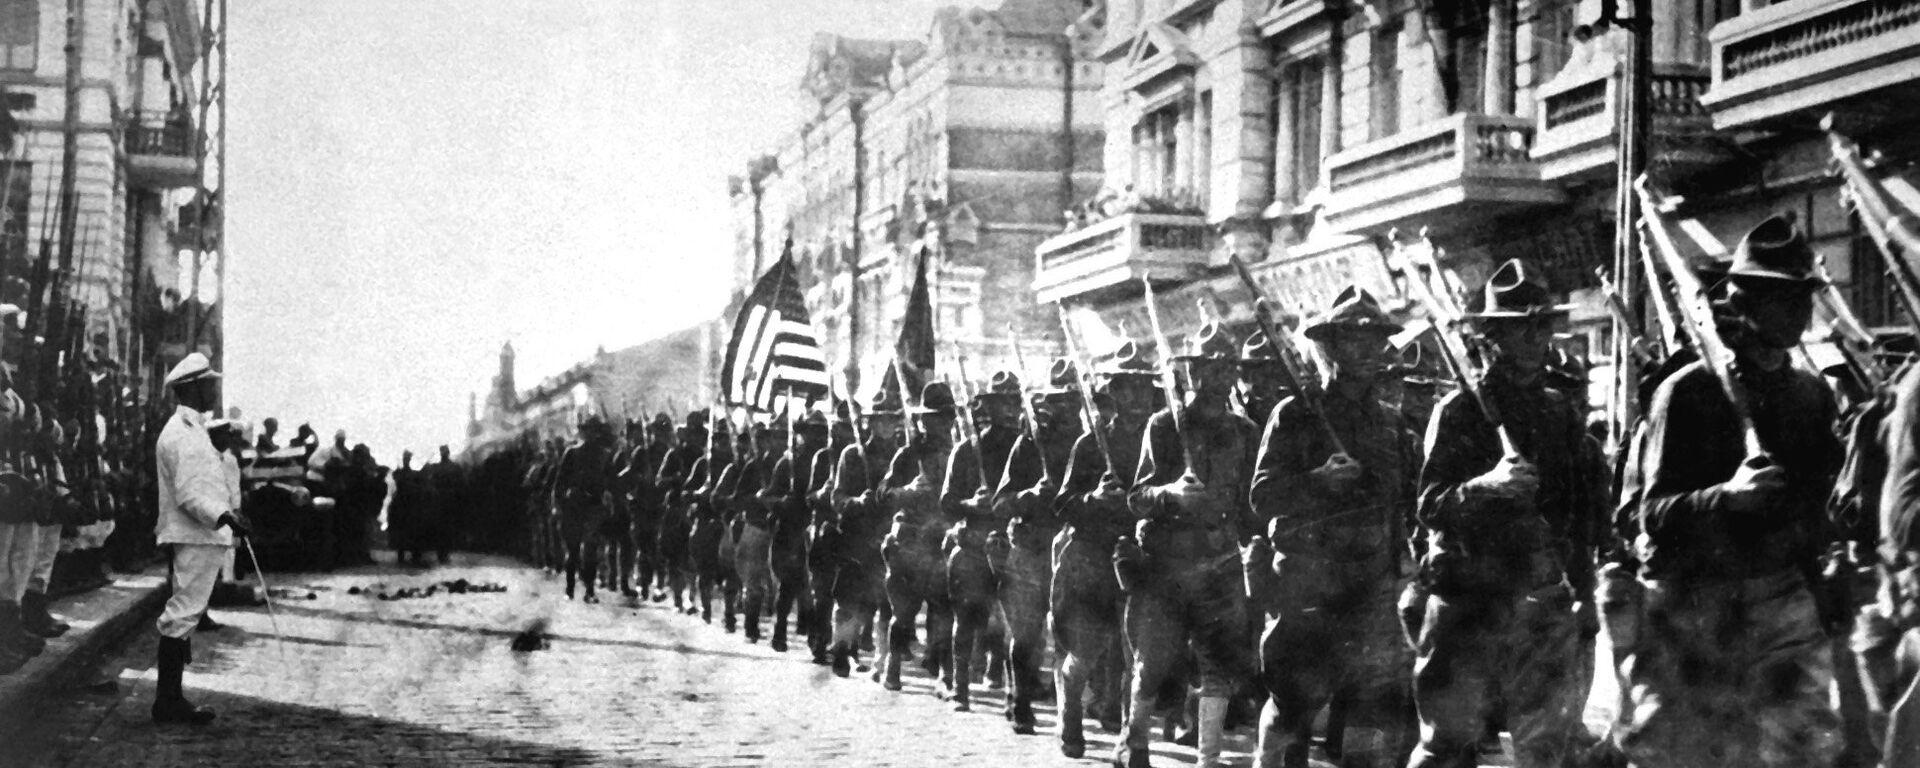 Tropas estadounidenses en Vladivostok - Sputnik Mundo, 1920, 15.08.2018